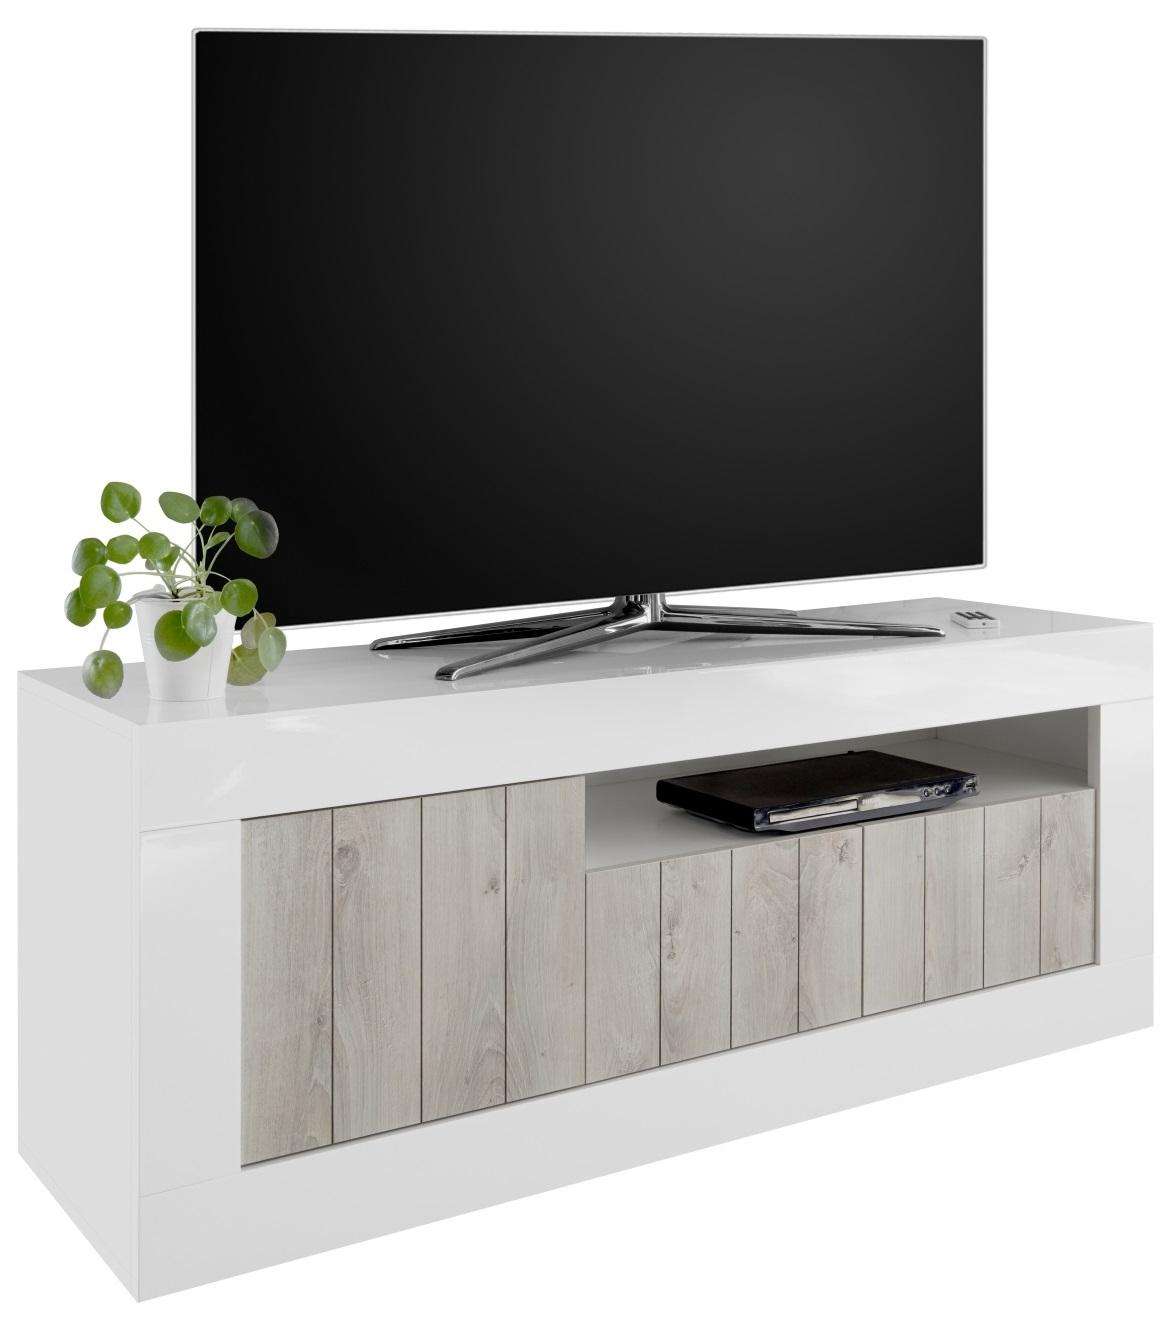 Tv-meubel Urbino 138 cm breed in hoogglans wit met grenen wit | Pesaro Mobilia